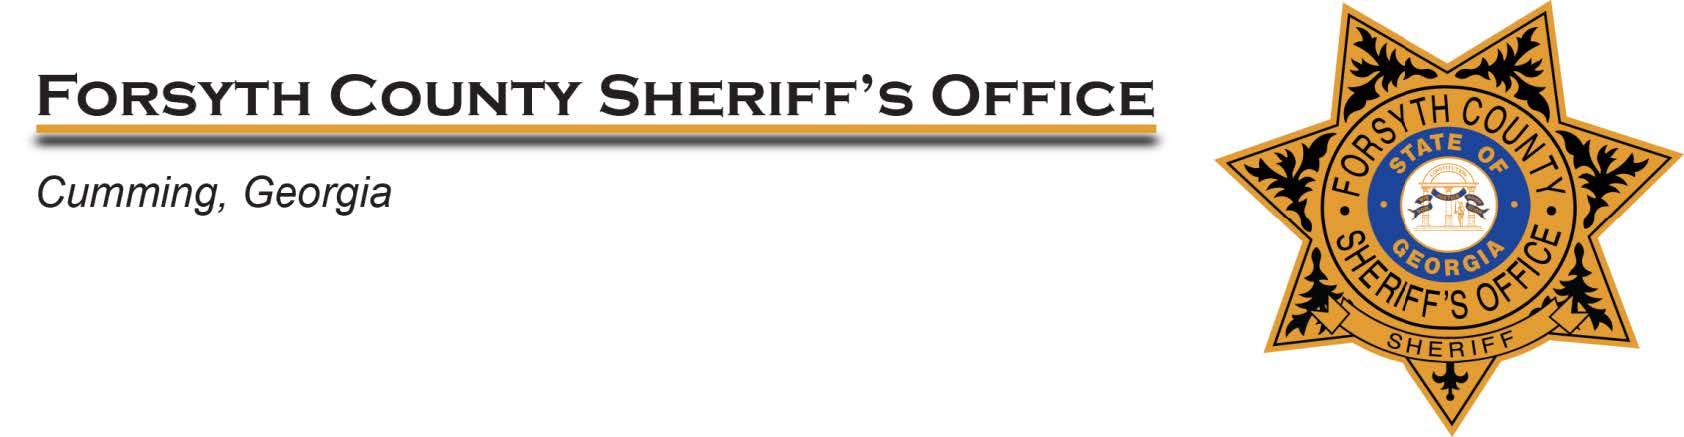 Forsyth County Sherriff